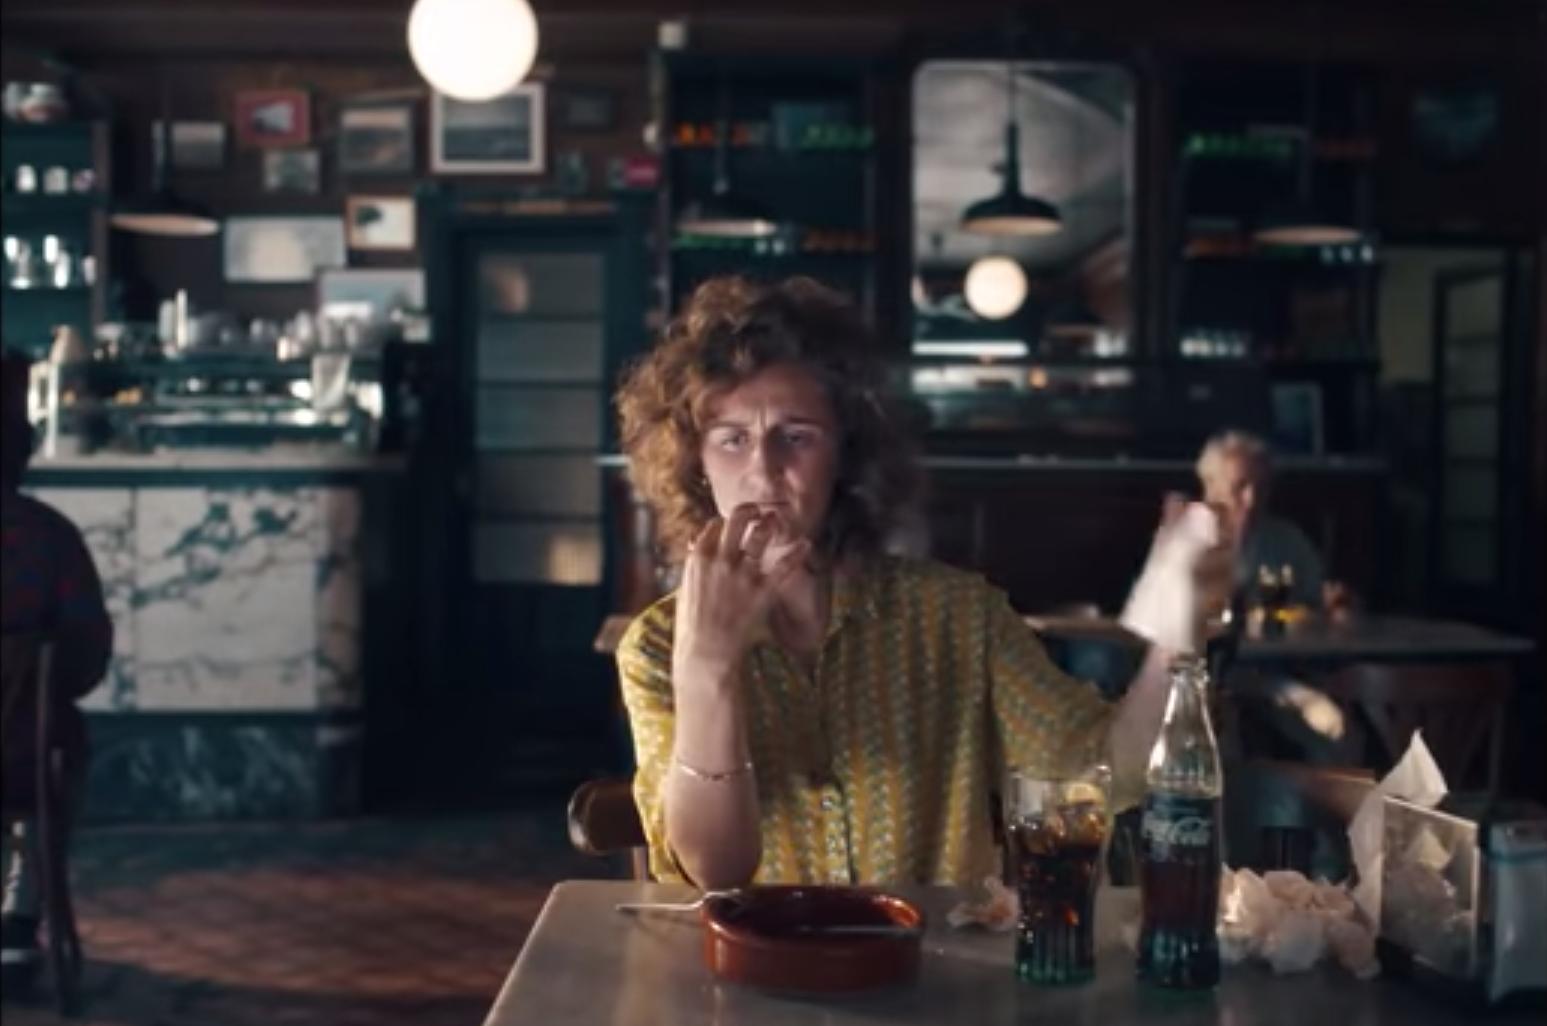 Una coneguda marca de refrescos va rodar un anunci al Bar Catalunya